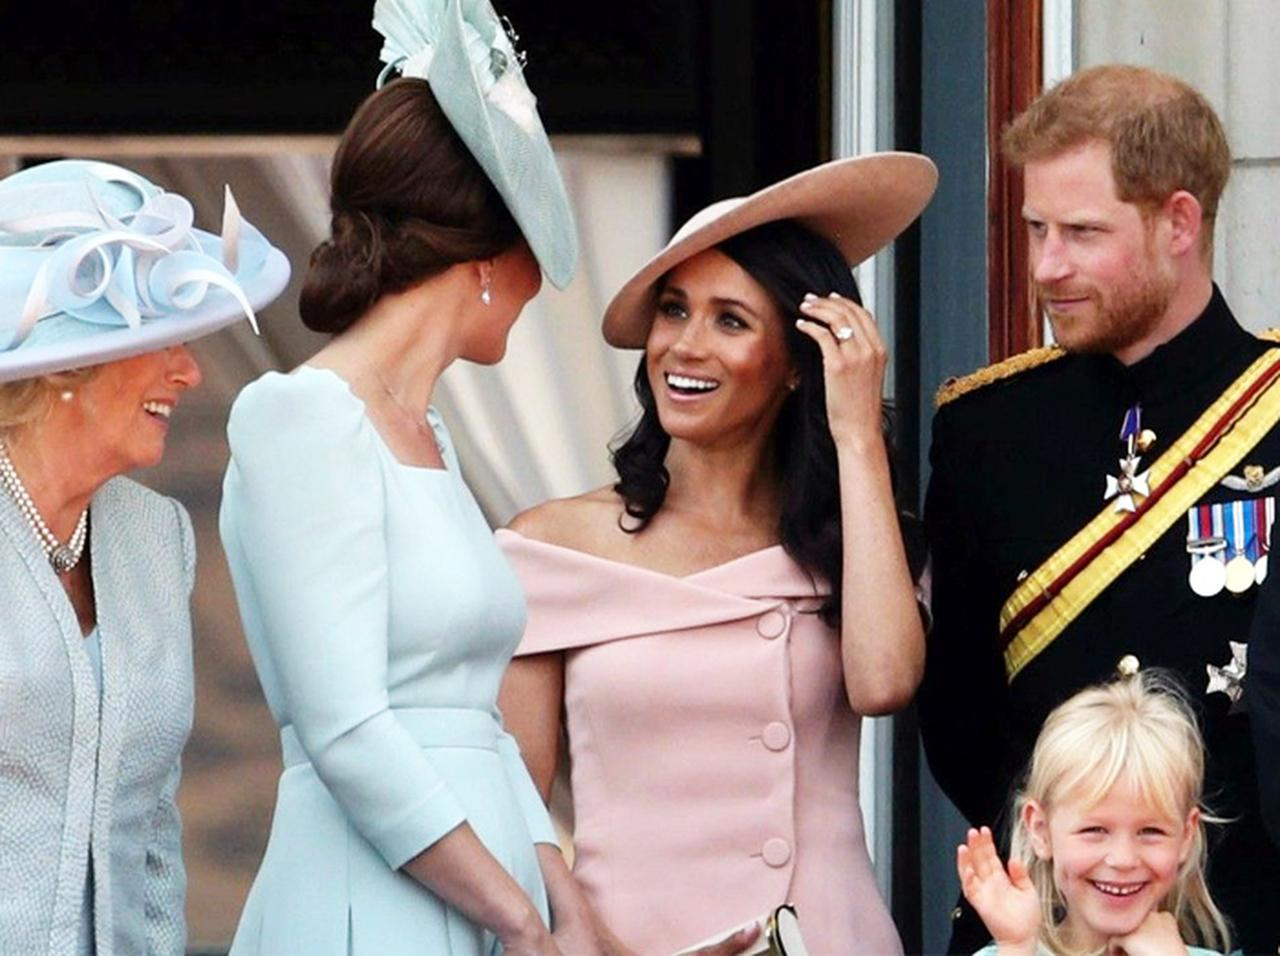 王室ルール破りがちなメーガン妃のファッションに助言している意外な人物とは?